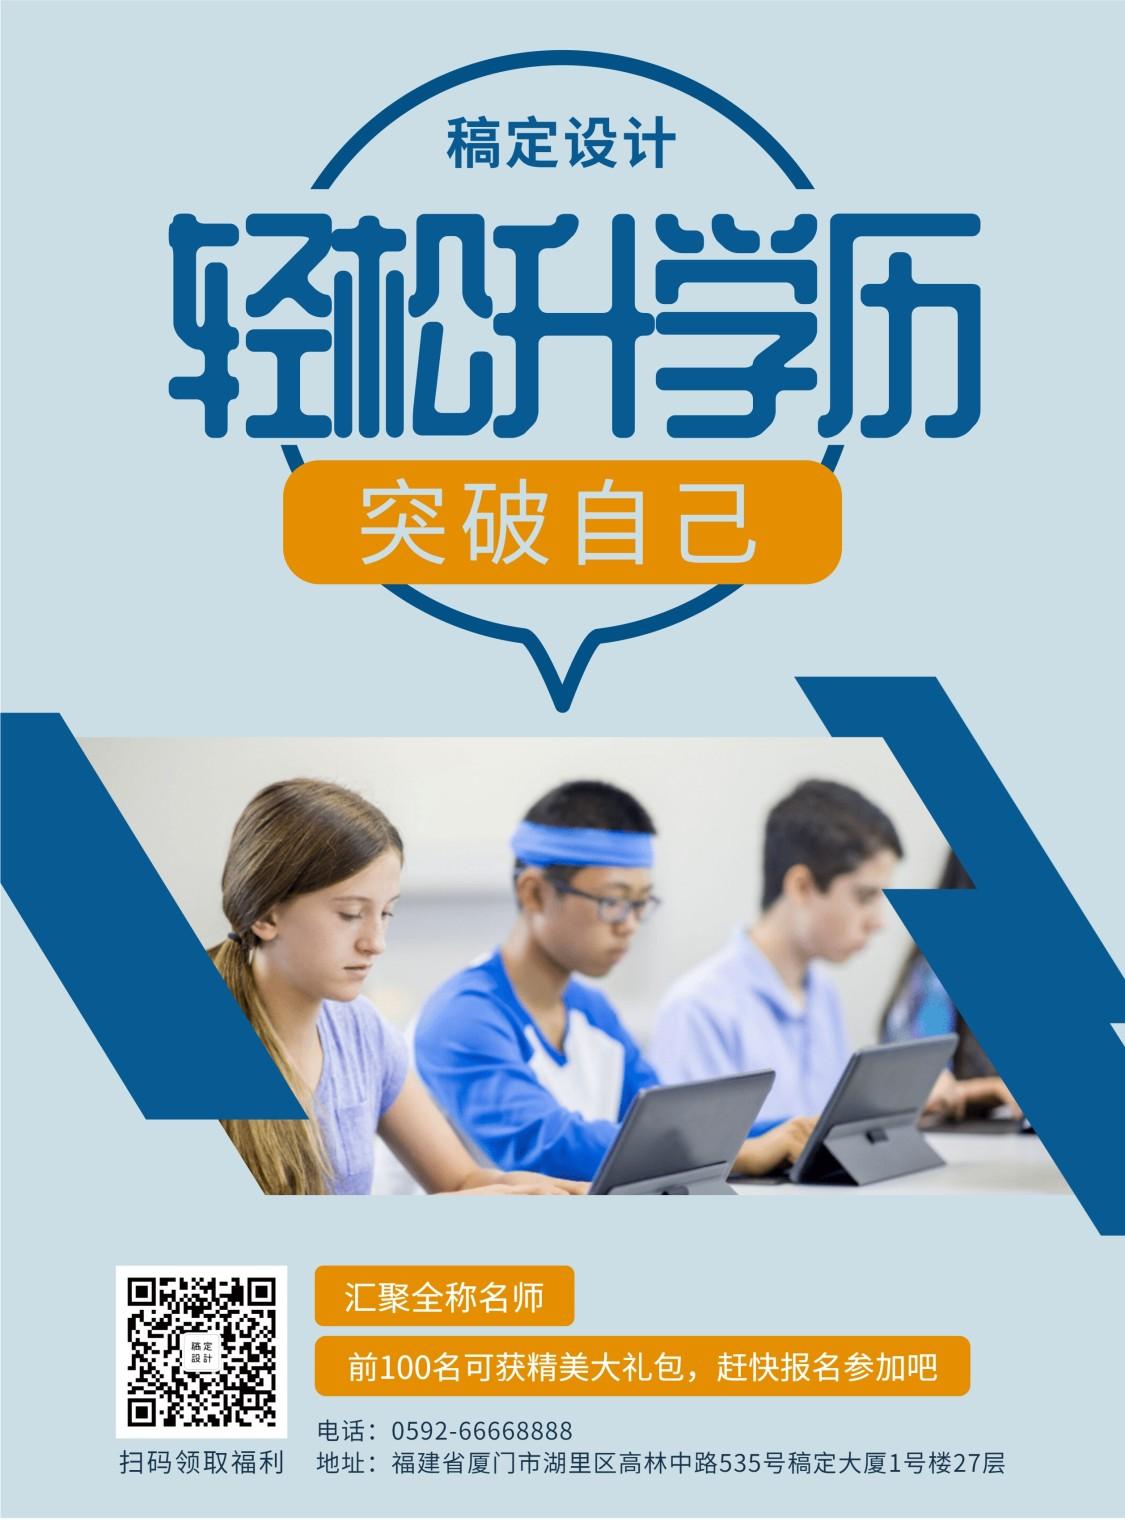 升学/培训招生/张贴海报